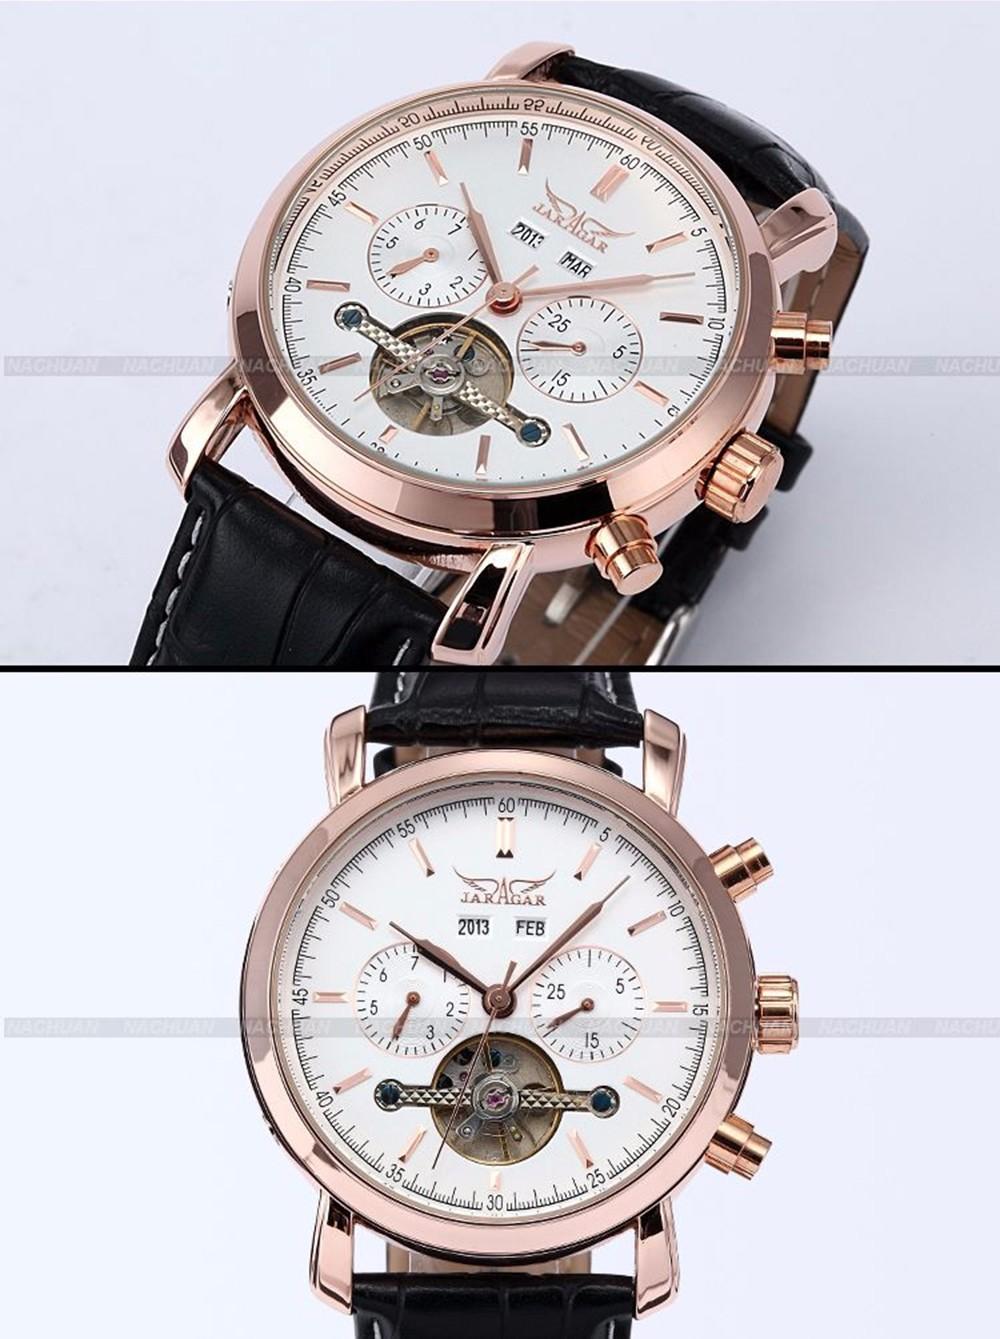 HTB1FvMNNpXXXXaEXpXXq6xXFXXXV - JARAGAR Automatic Mechanical Watch for Men